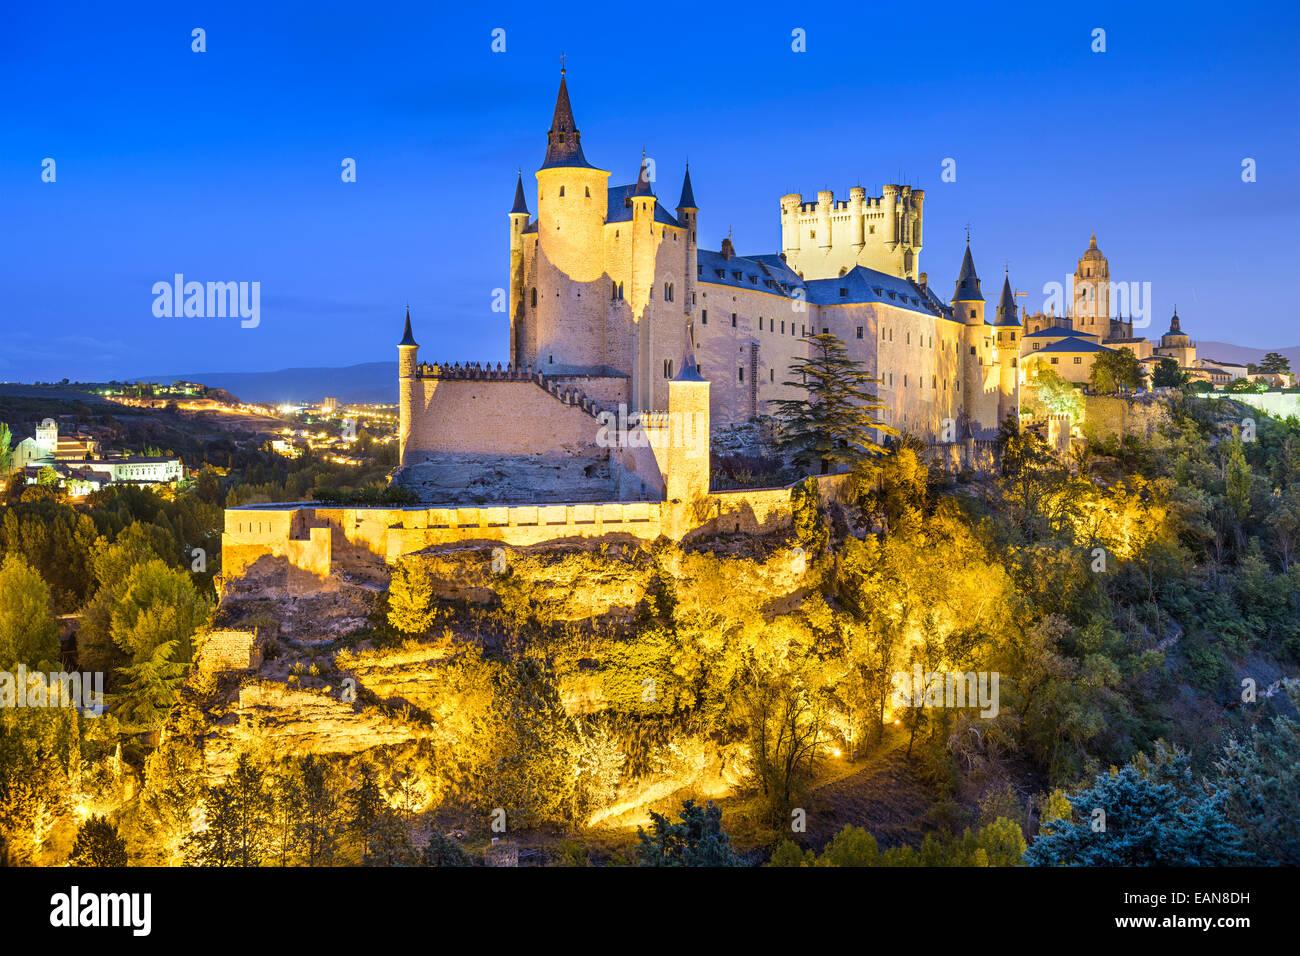 Segovia, Spagna lo skyline della città con l'Alcazar di notte. Immagini Stock